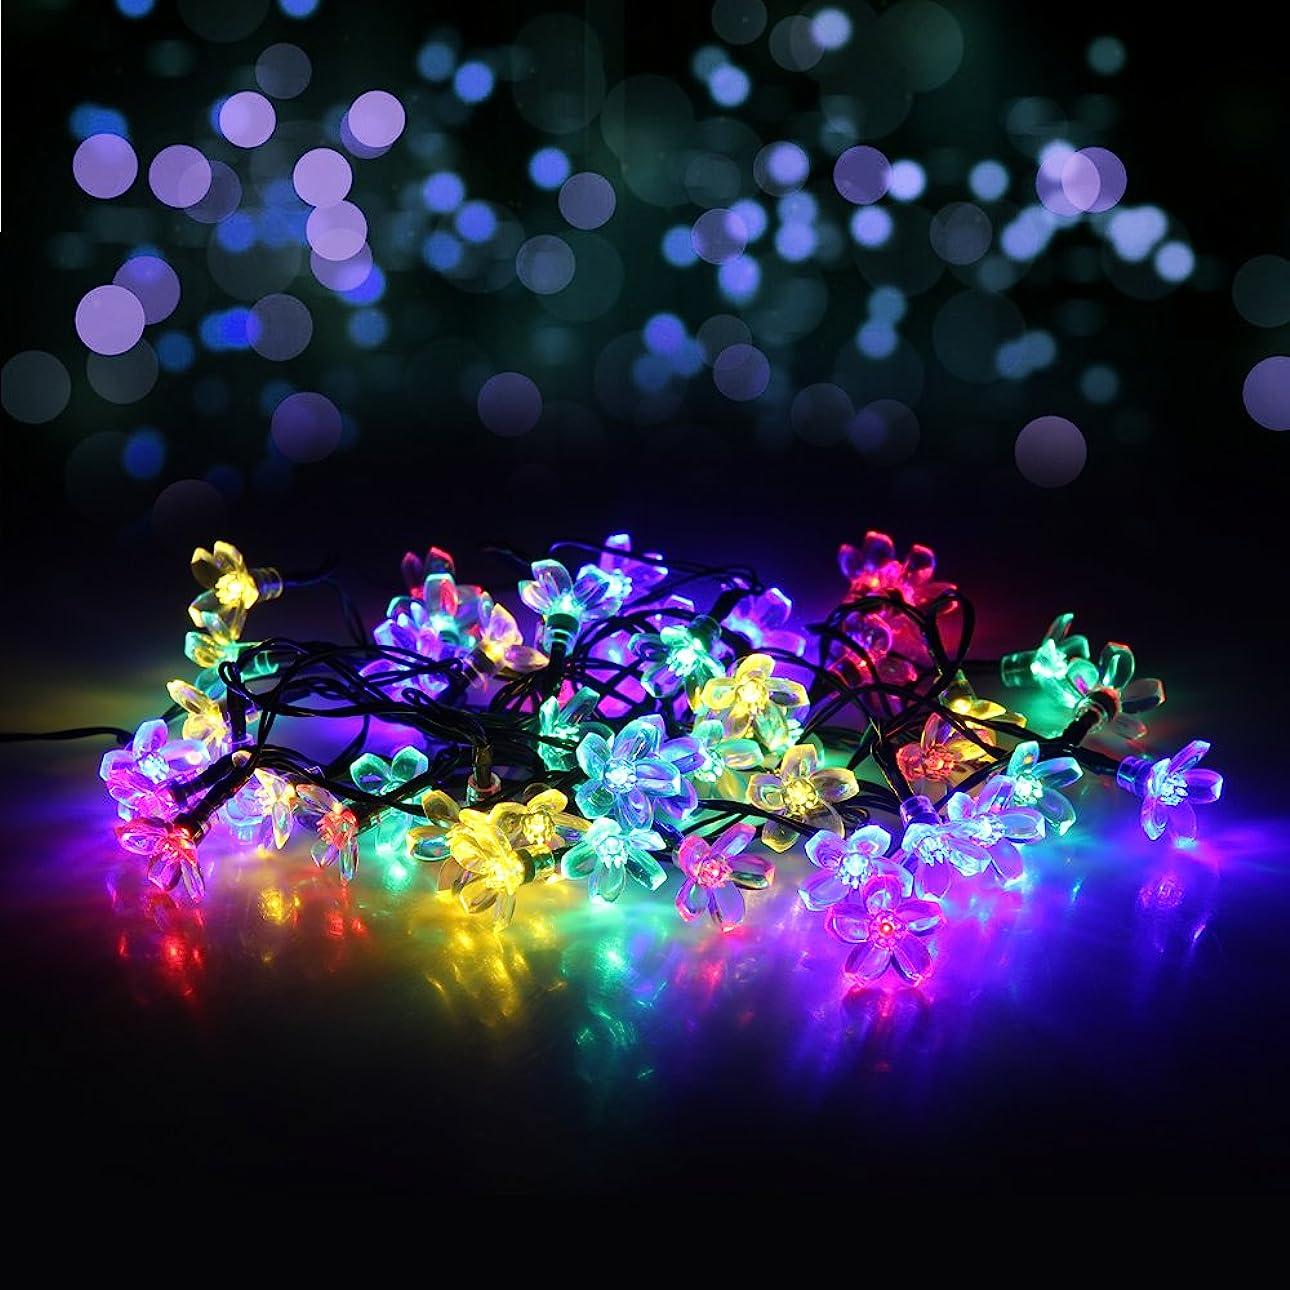 入り口広まった着飾るクリスマス 飾り ボール型 電池式 LED 2M 20LED 2モード点灯 電球 ストリングライト クリスマス LED イルミネーション クリスマス LEDライト クリスマス 装飾 置物 カラフル iitrust並行輸入品